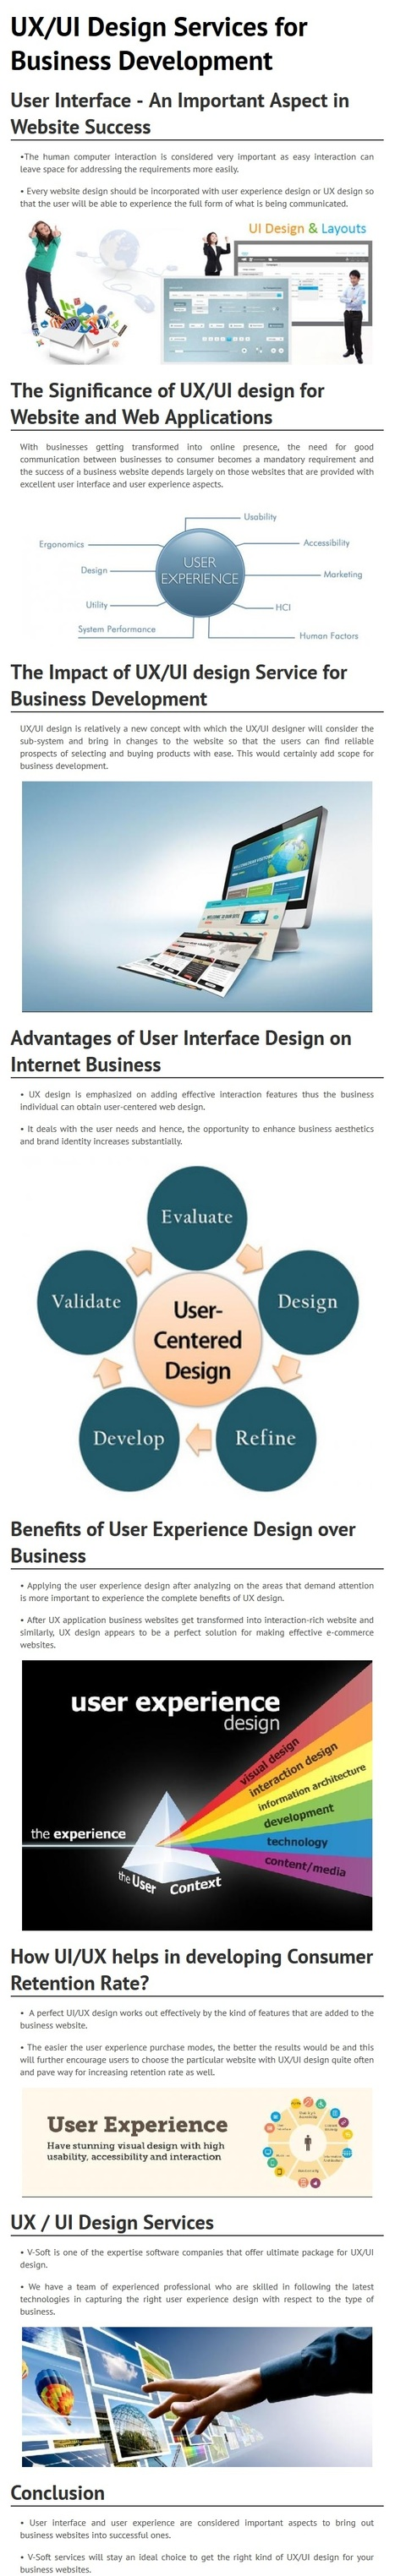 UX/UI Design Services by www.v-softinc.com | V-softinc | Scoop.it